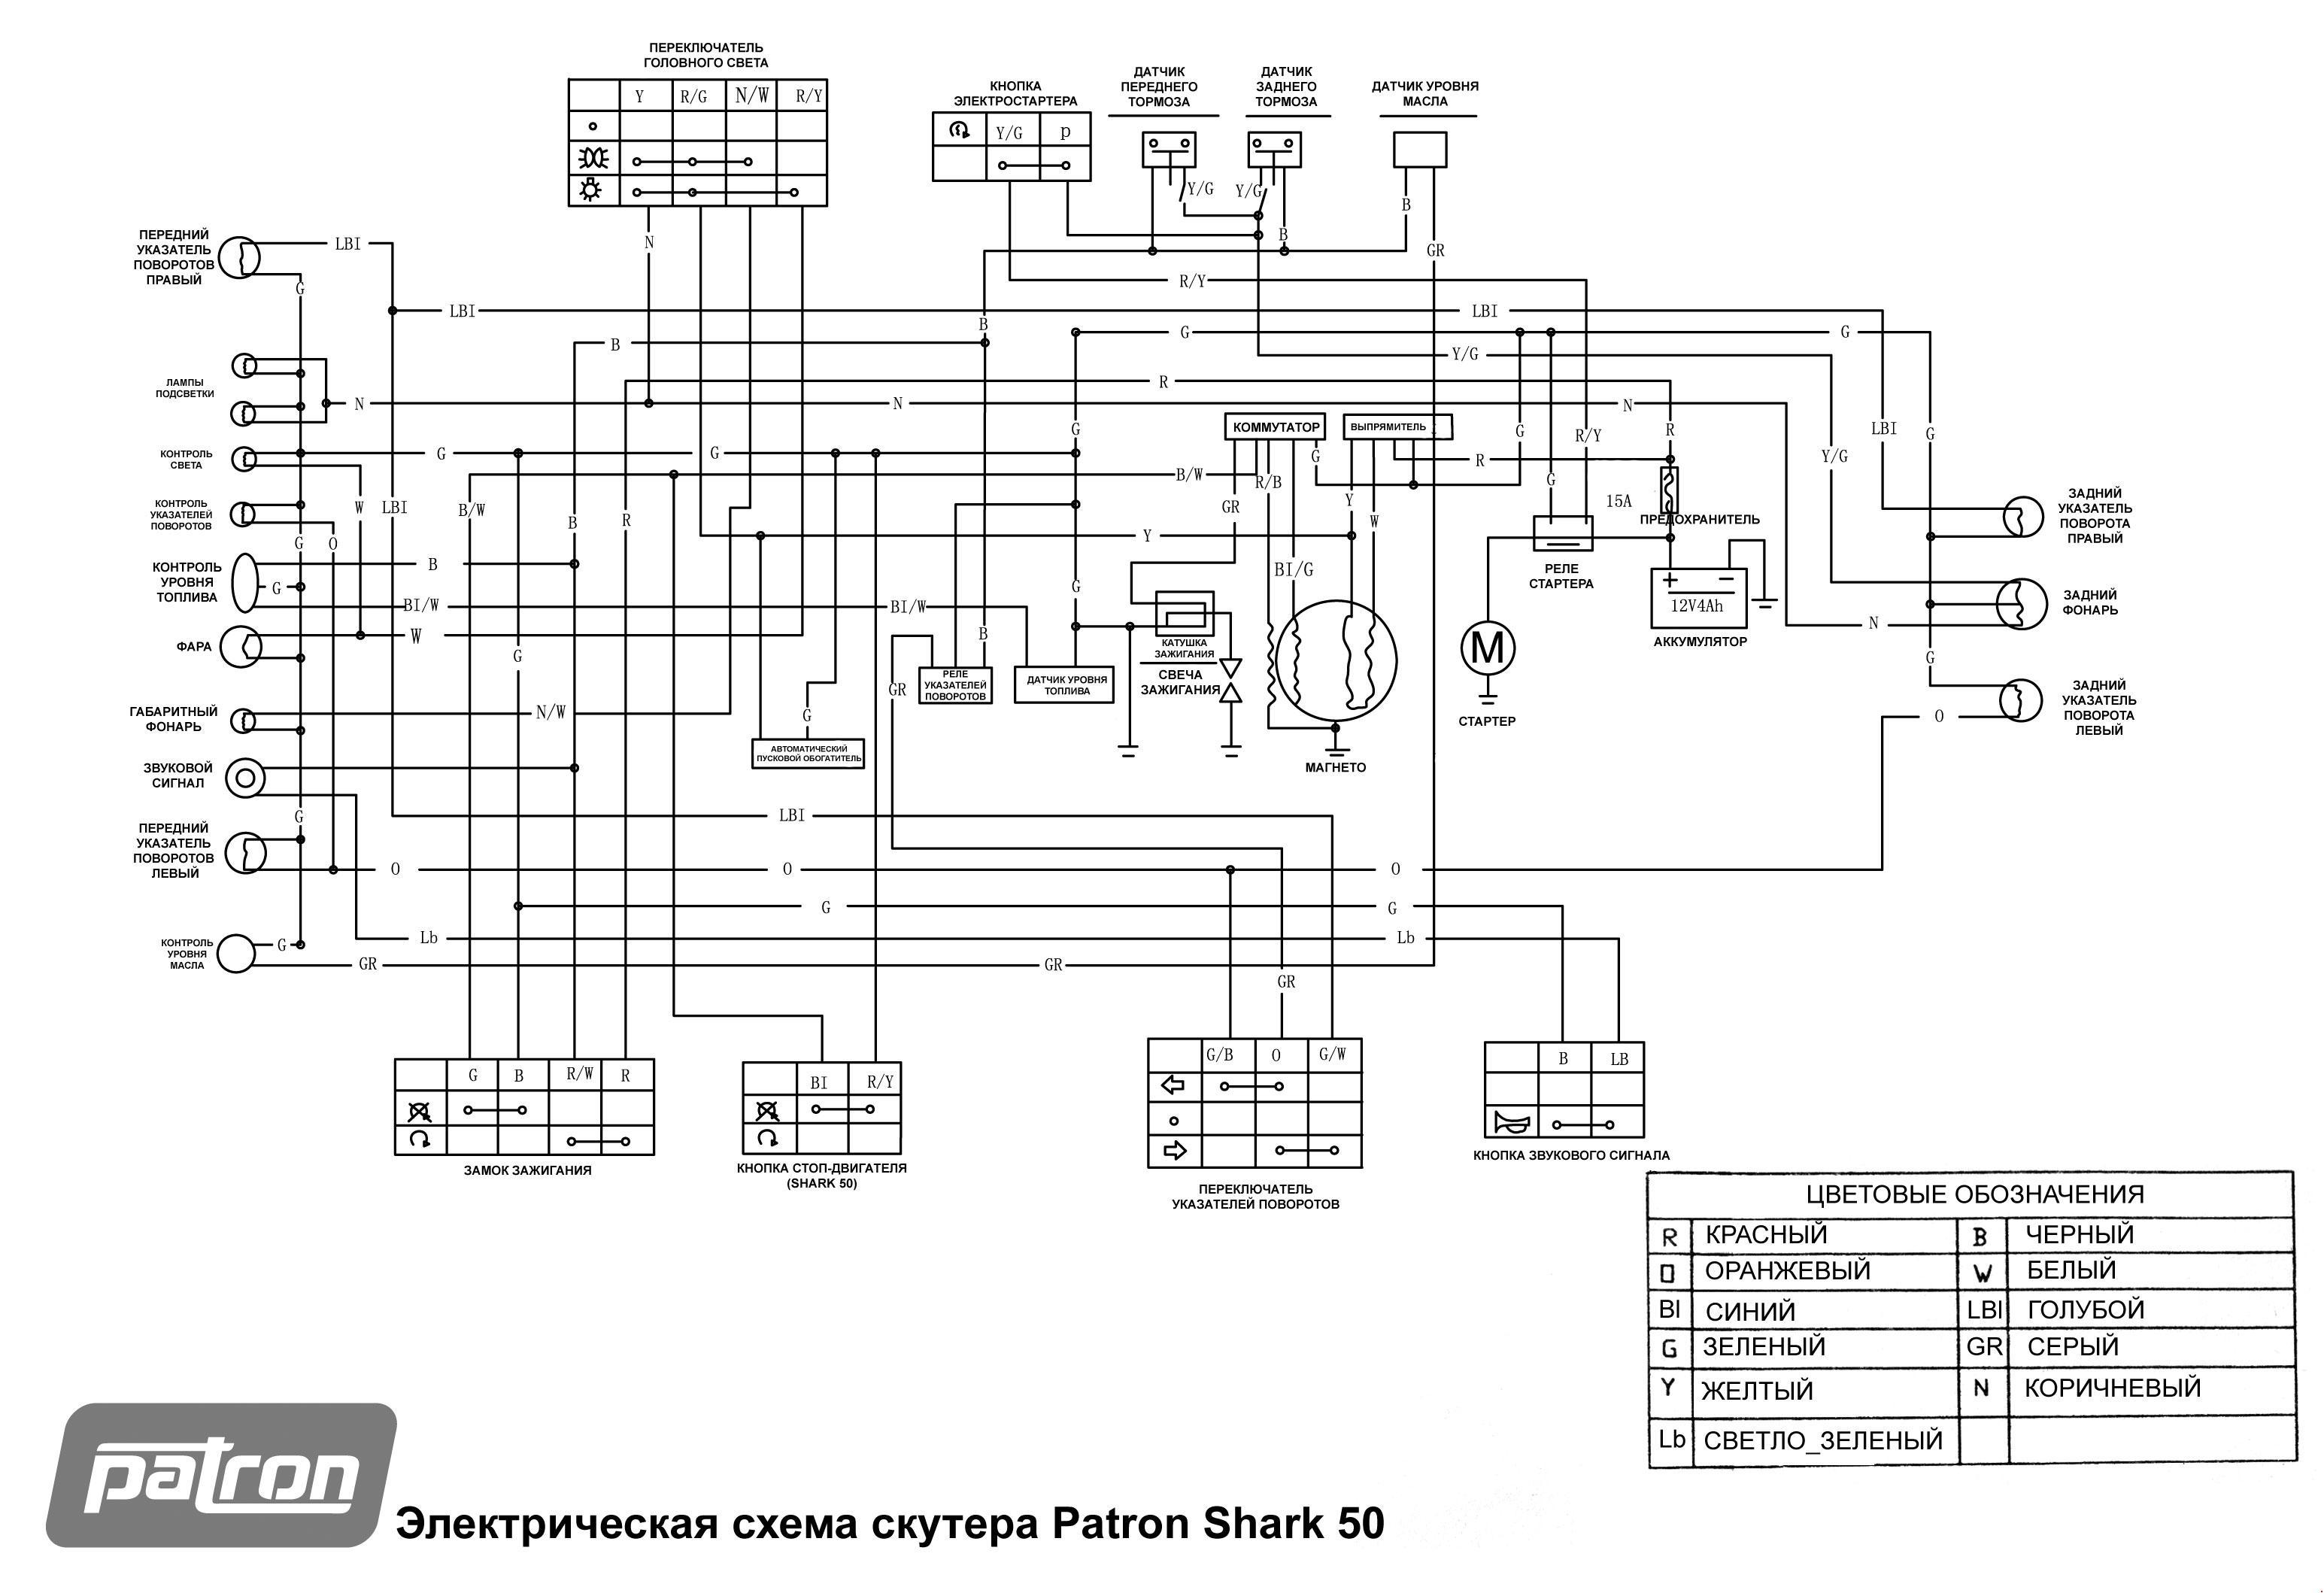 Электрическая схема скутера Patron Shark 50